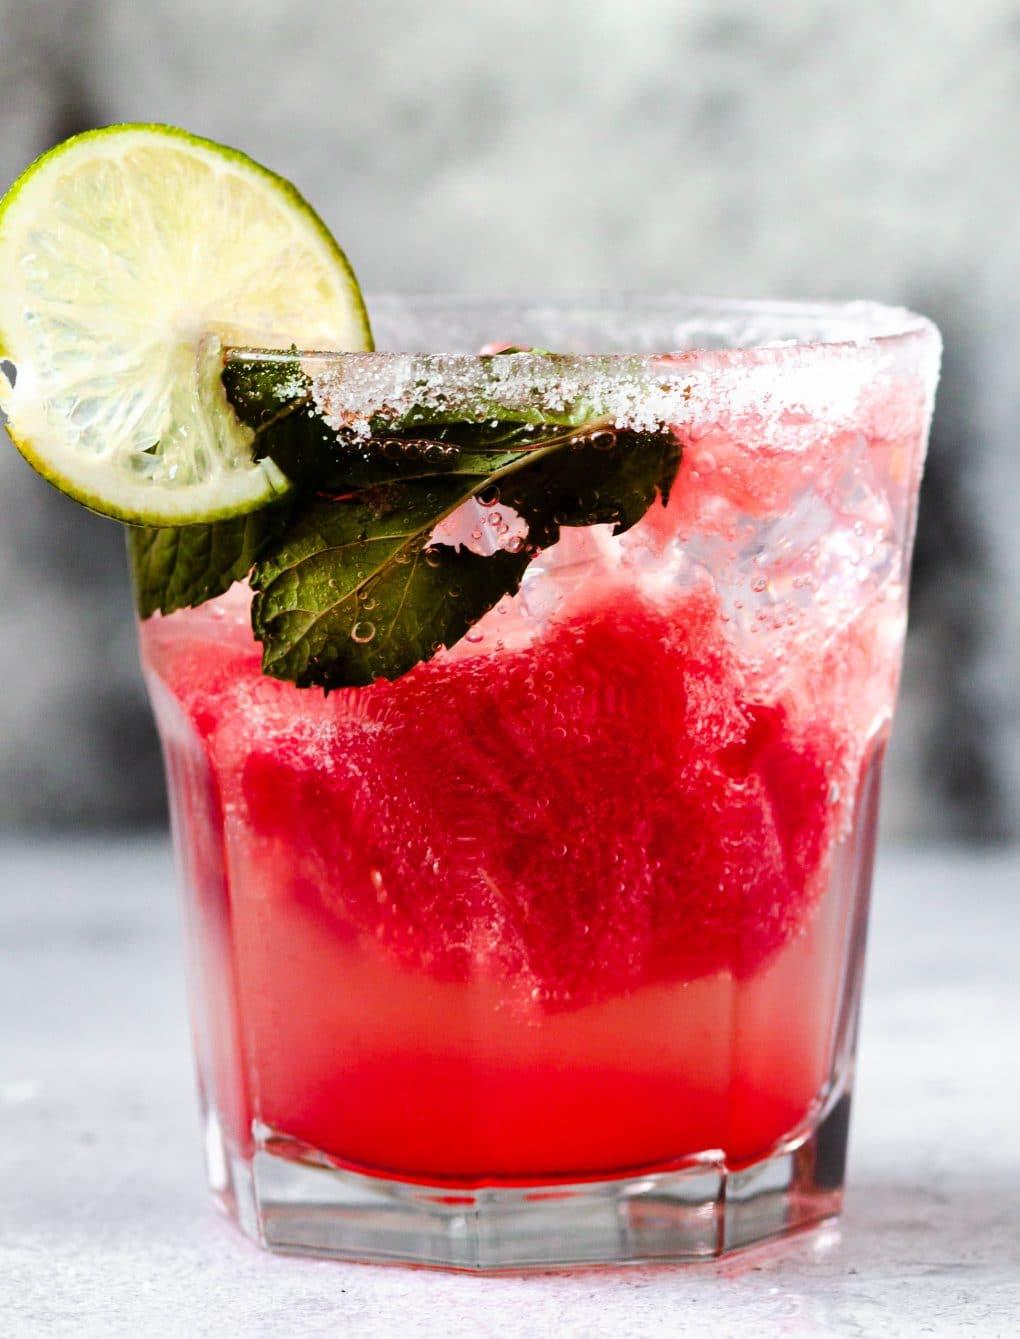 a glass of watermelon la Croix cocktail